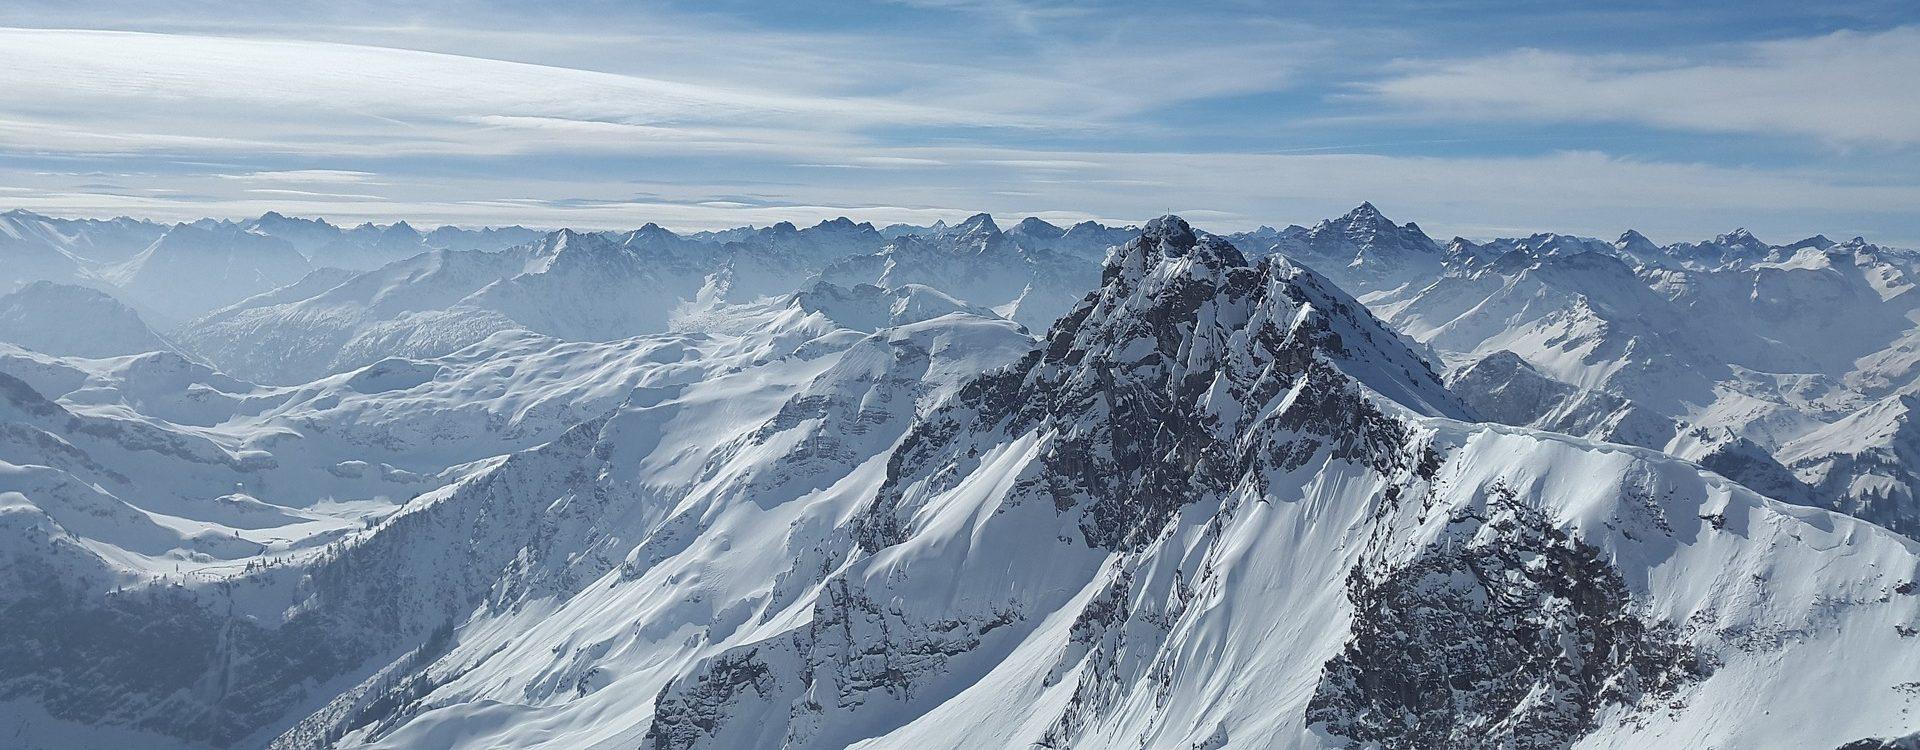 Autriche - La Grande traversée des Alpes - Etape 12 - Les matins du monde